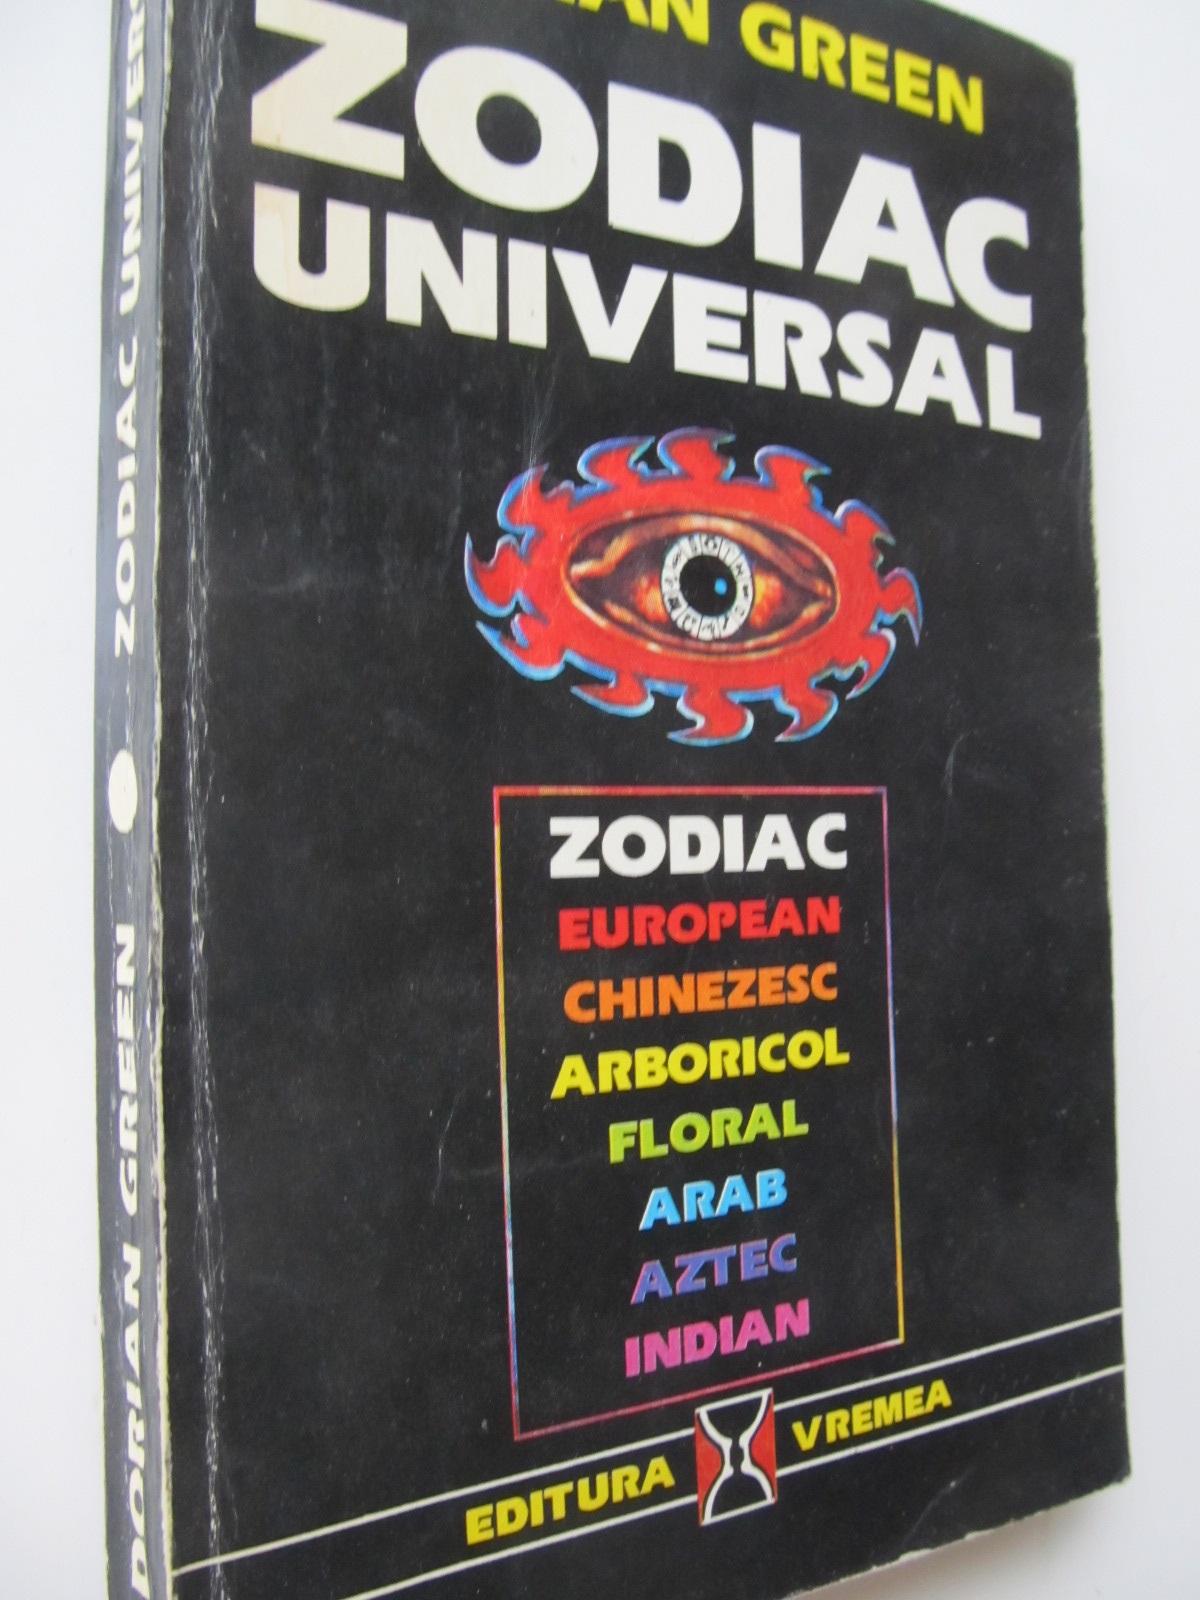 Carte Zodiac universal - european , chinezesc , arboricol , floral , arab , aztec , indian - Dorian Green